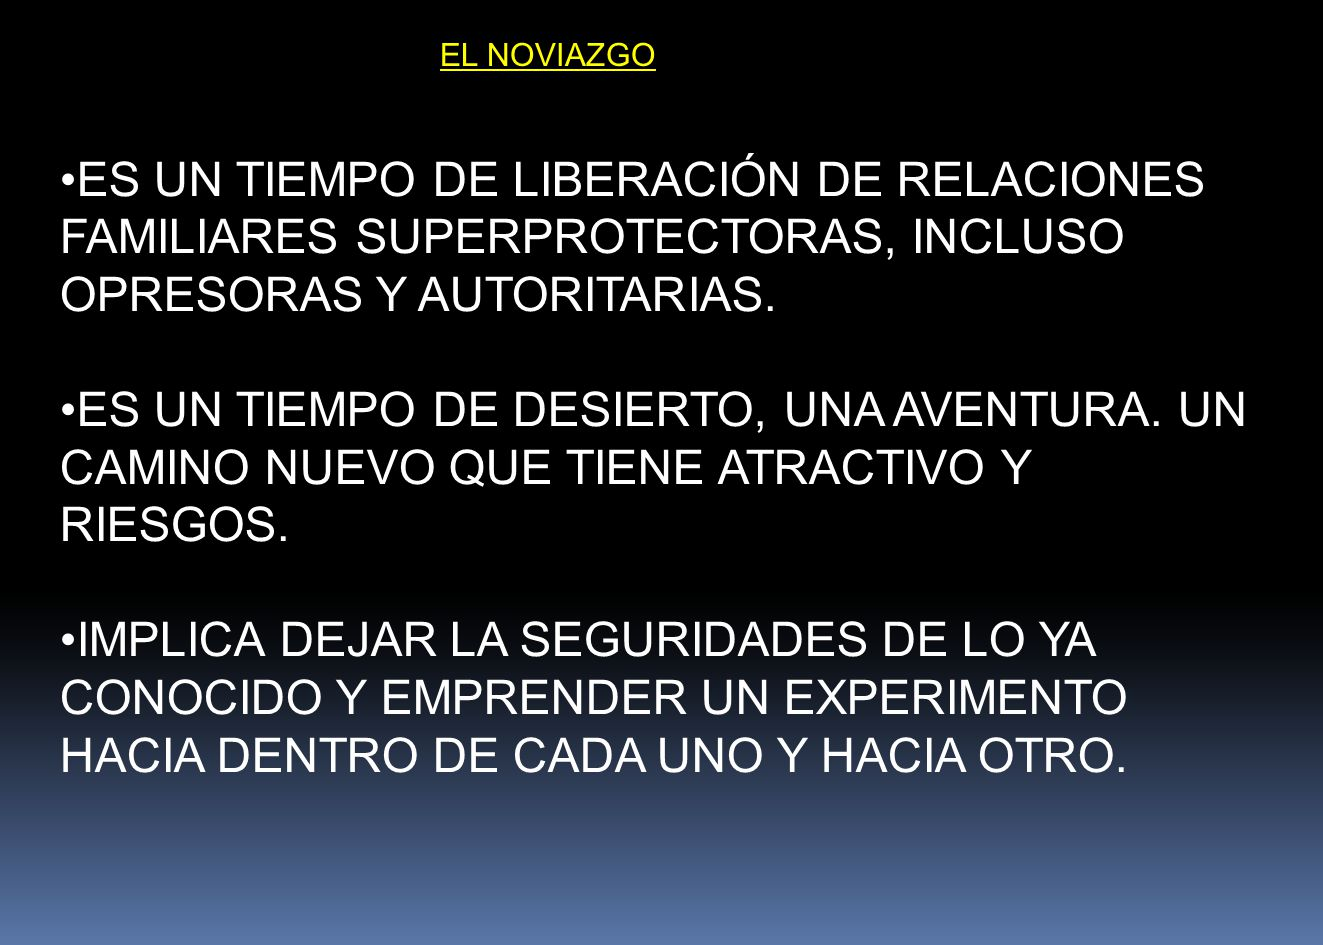 EL NOVIAZGO ES UN TIEMPO DE LIBERACIÓN DE RELACIONES FAMILIARES SUPERPROTECTORAS, INCLUSO OPRESORAS Y AUTORITARIAS.